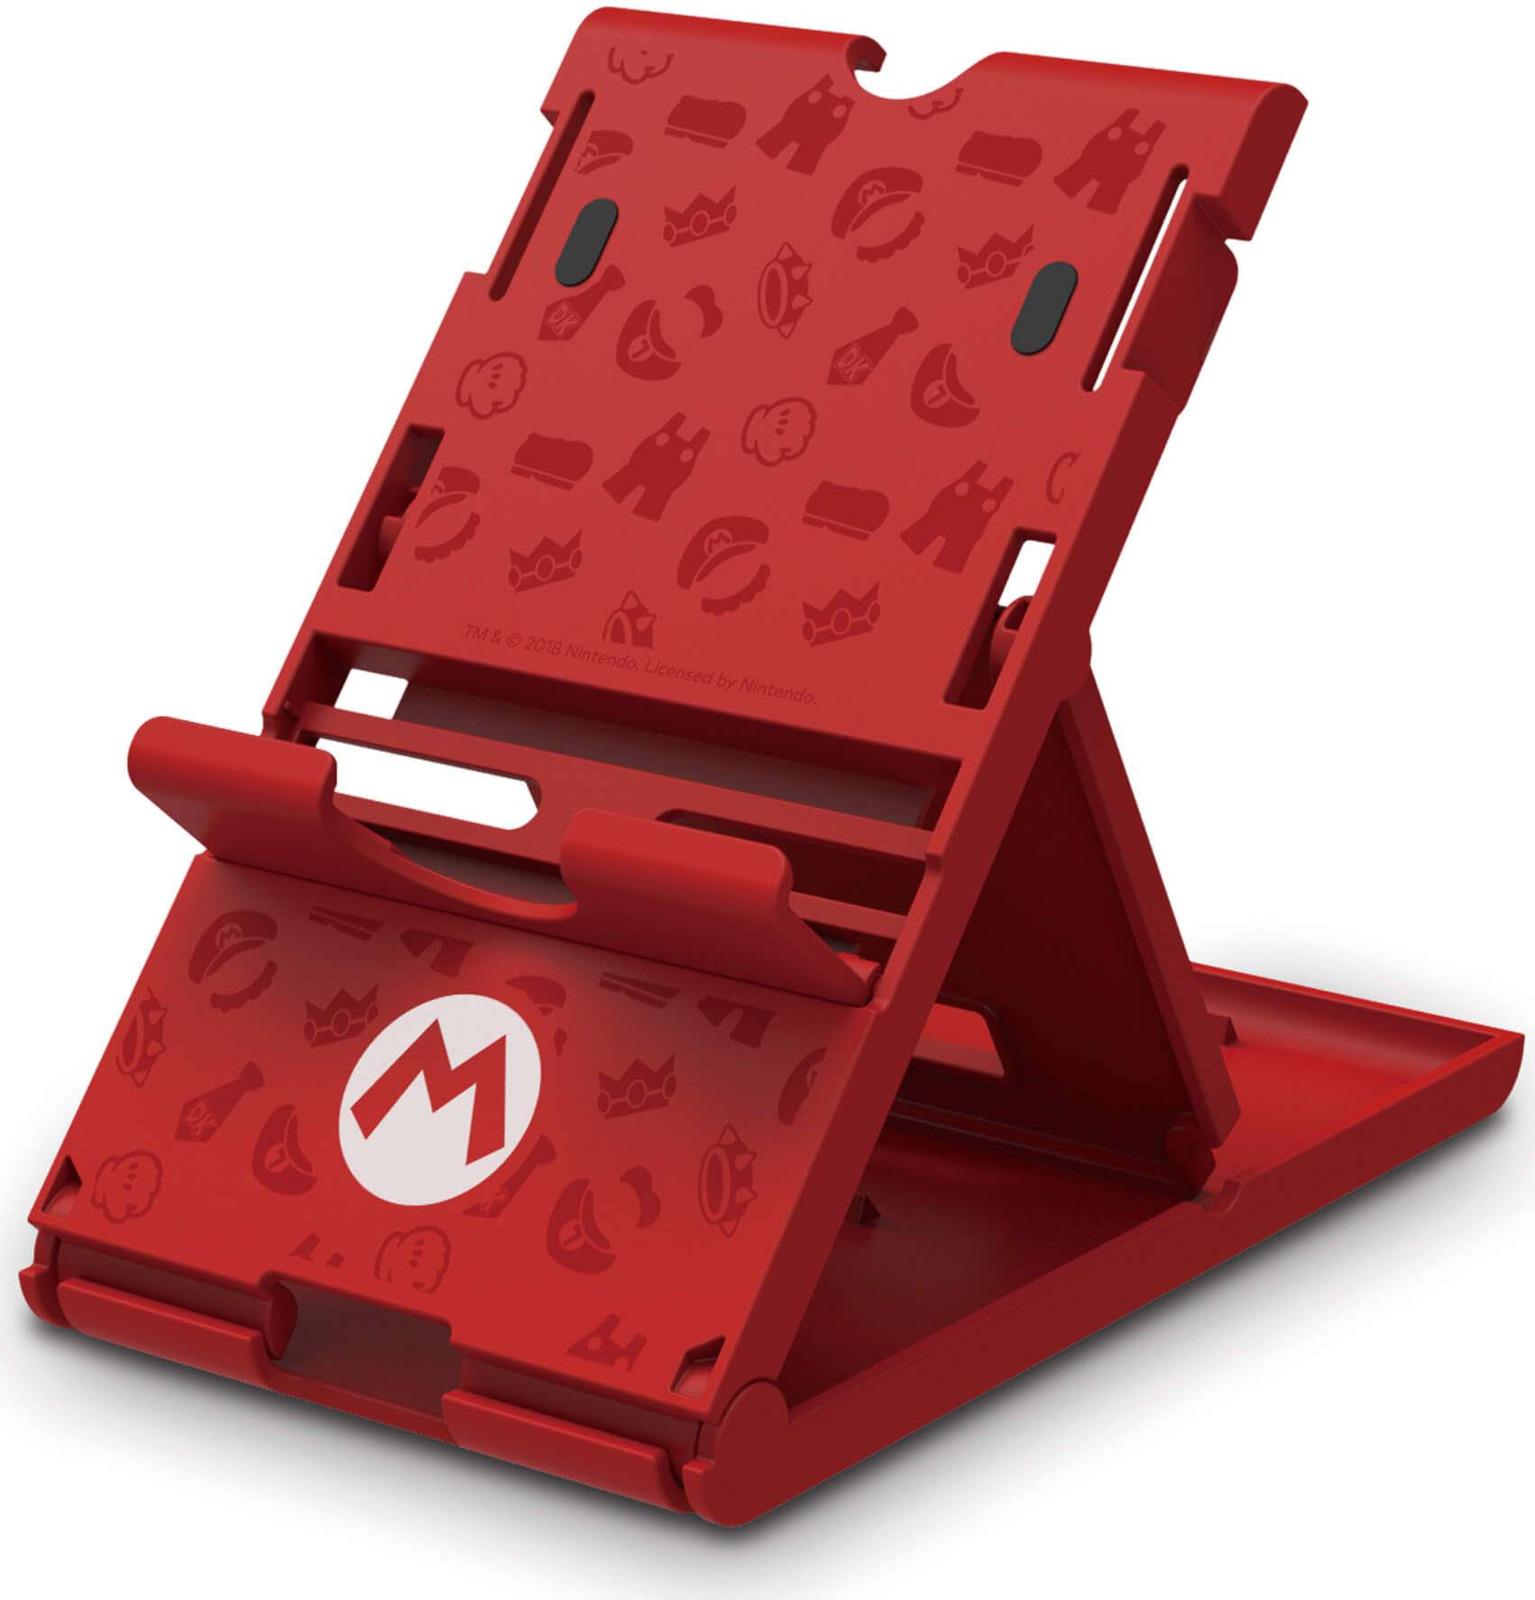 лучшая цена Подставка Hori Super Mario, для консоли Nintendo Switch, NSW-084U